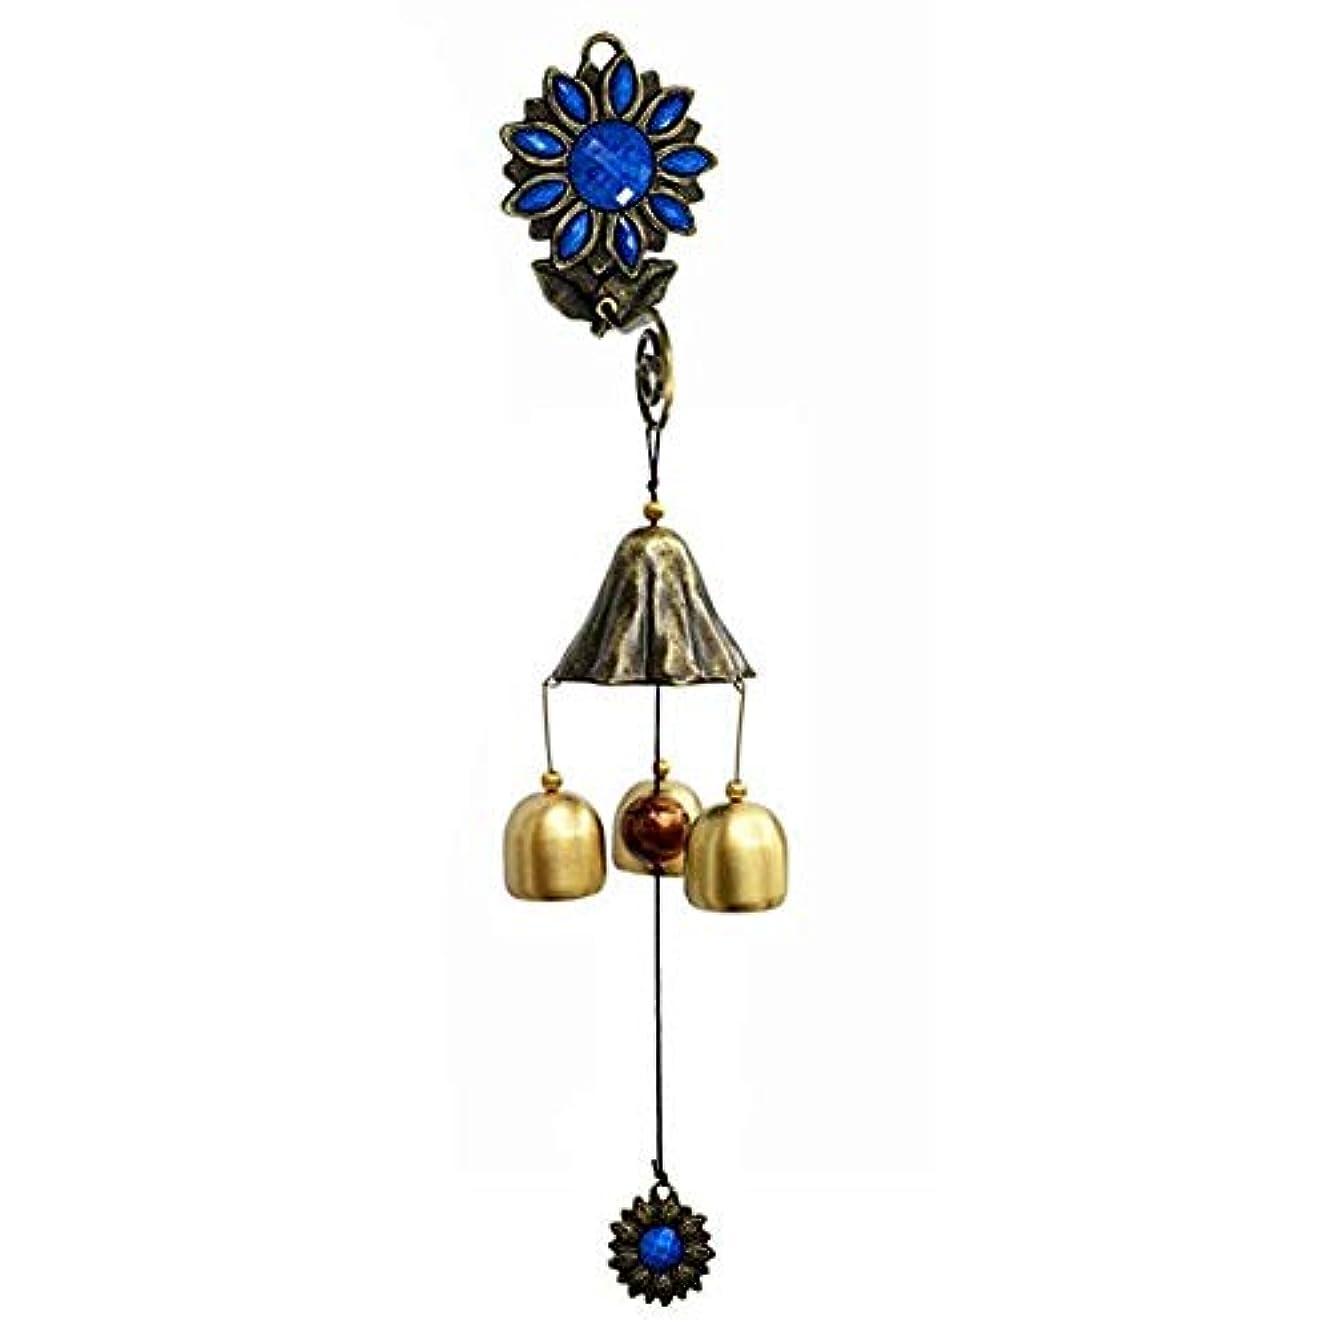 ティームオーバーフローコジオスコChengjinxiang 風チャイム、ガーデンメタルクリエイティブひまわり風の鐘、グリーン、全長約35CM,クリエイティブギフト (Color : Blue)